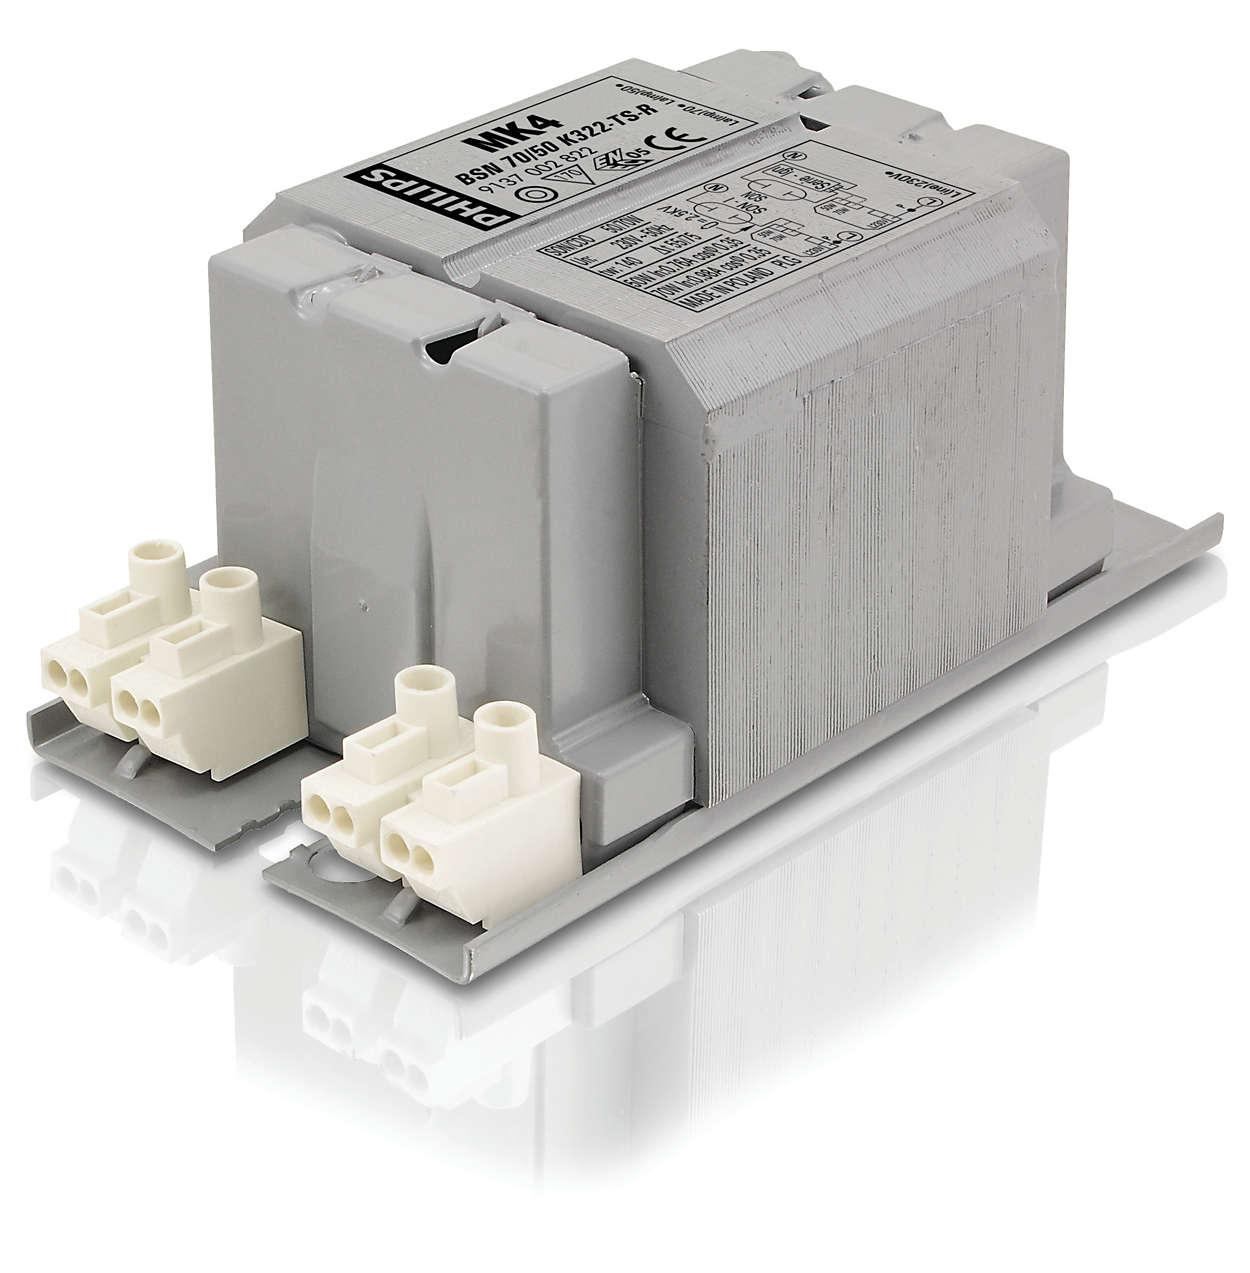 HID-Basic BSN/BMH series multi-wattage for SON/CDO/CDM/MH...